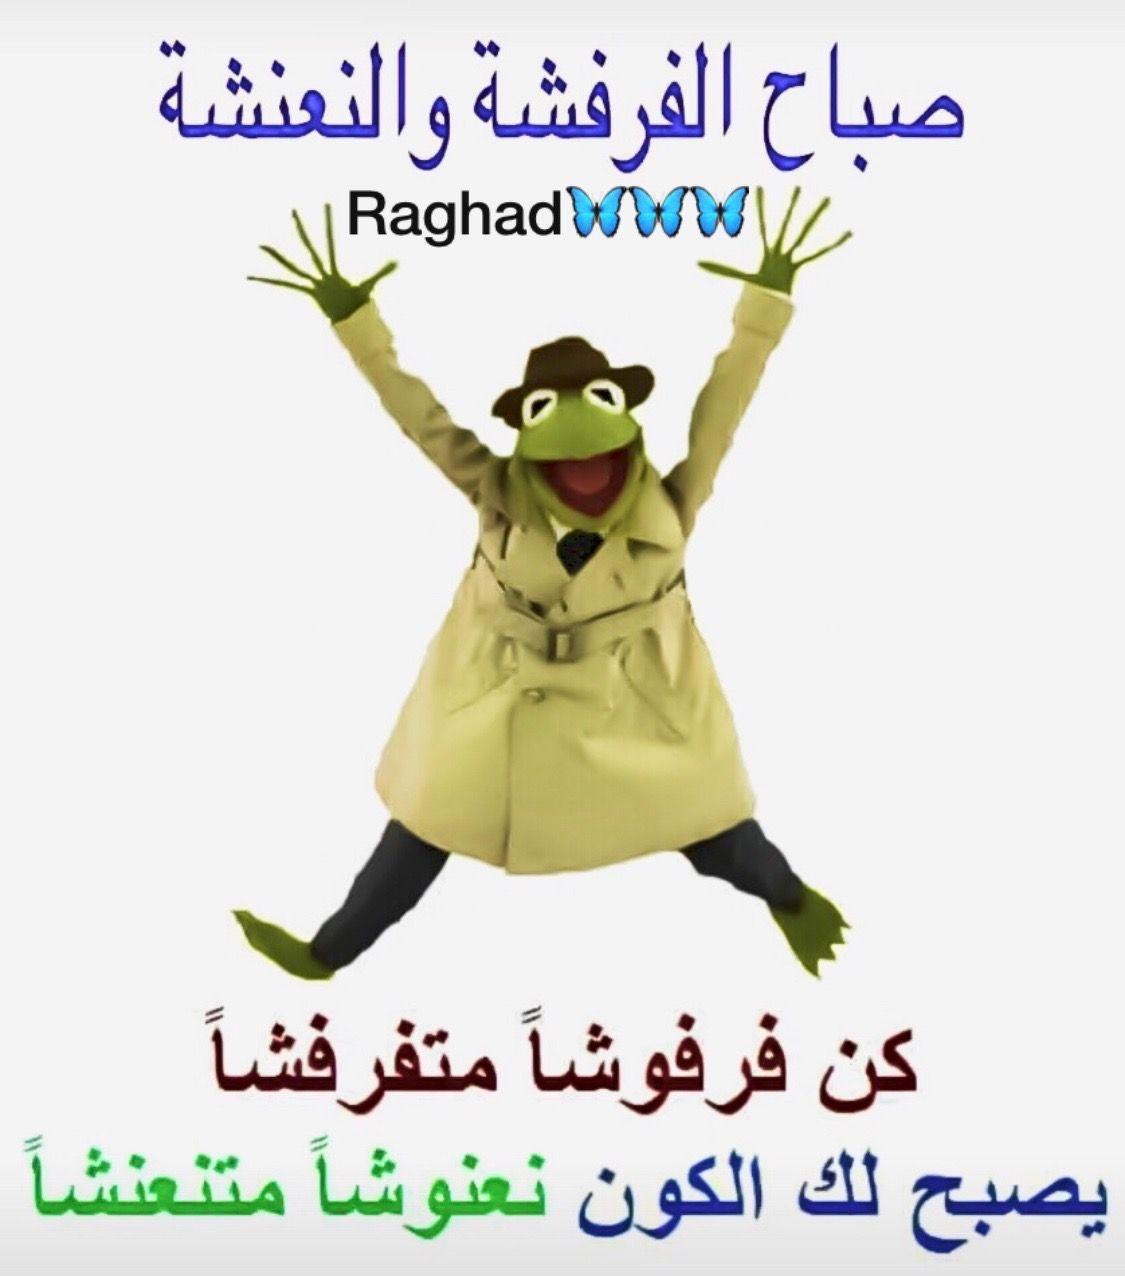 Desertrose صباح جميل يشرق أملا ويكتب حروف ا جديدة للسعادة اللہم بك أصبحنآ وعليك توكلنا وأنت خير Funny Photo Memes Good Morning Greetings Arabic Funny